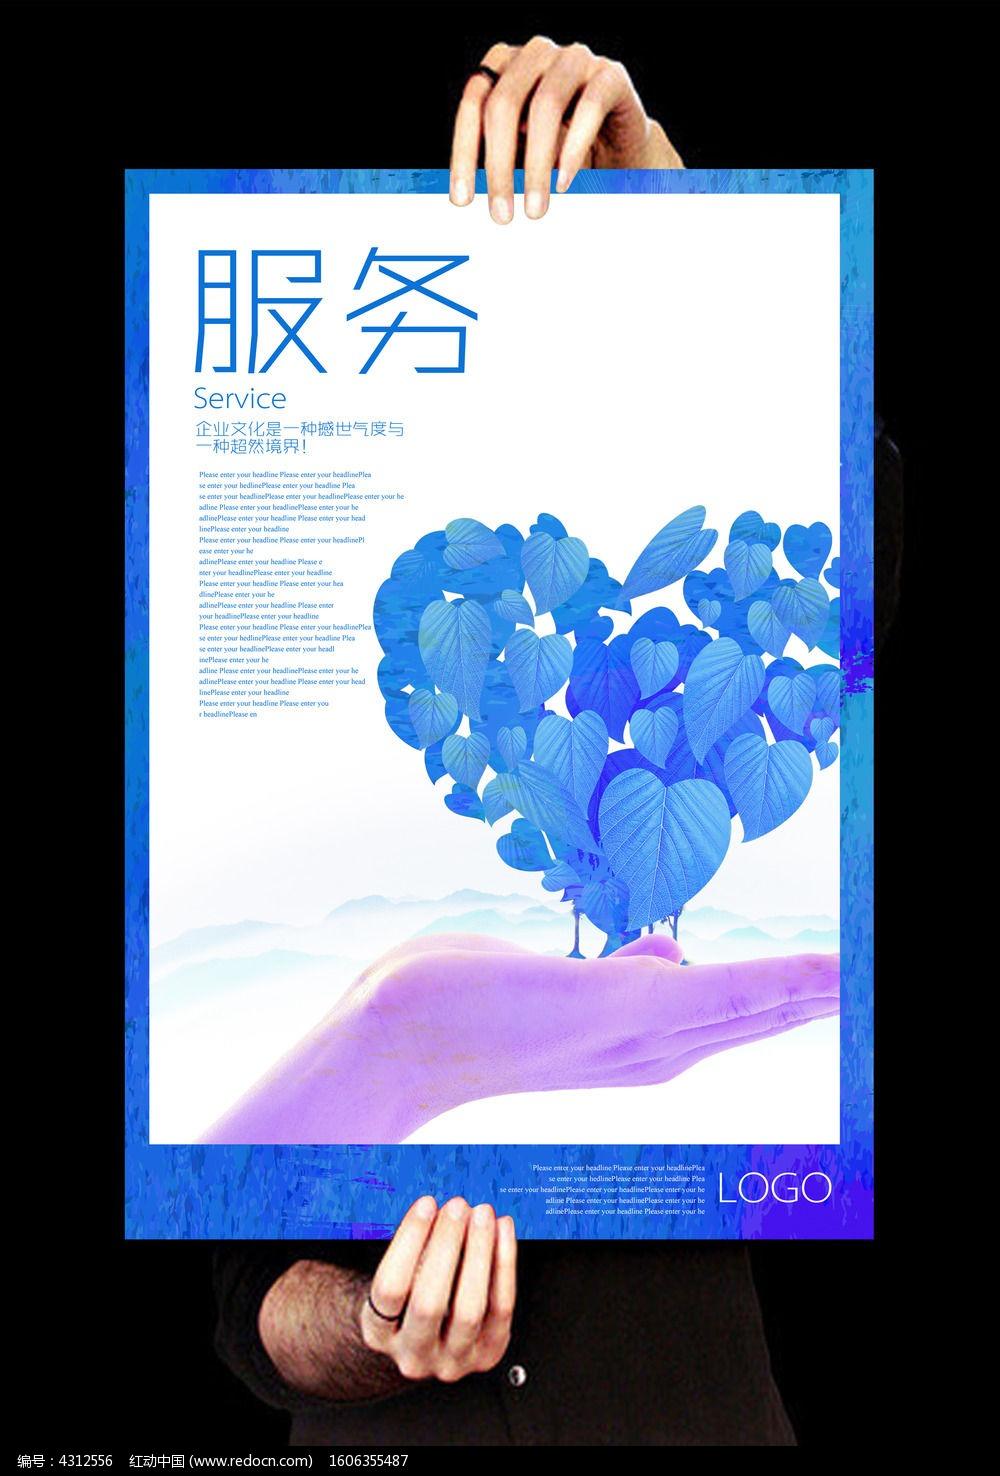 蓝色创意企业文化服务展板图片